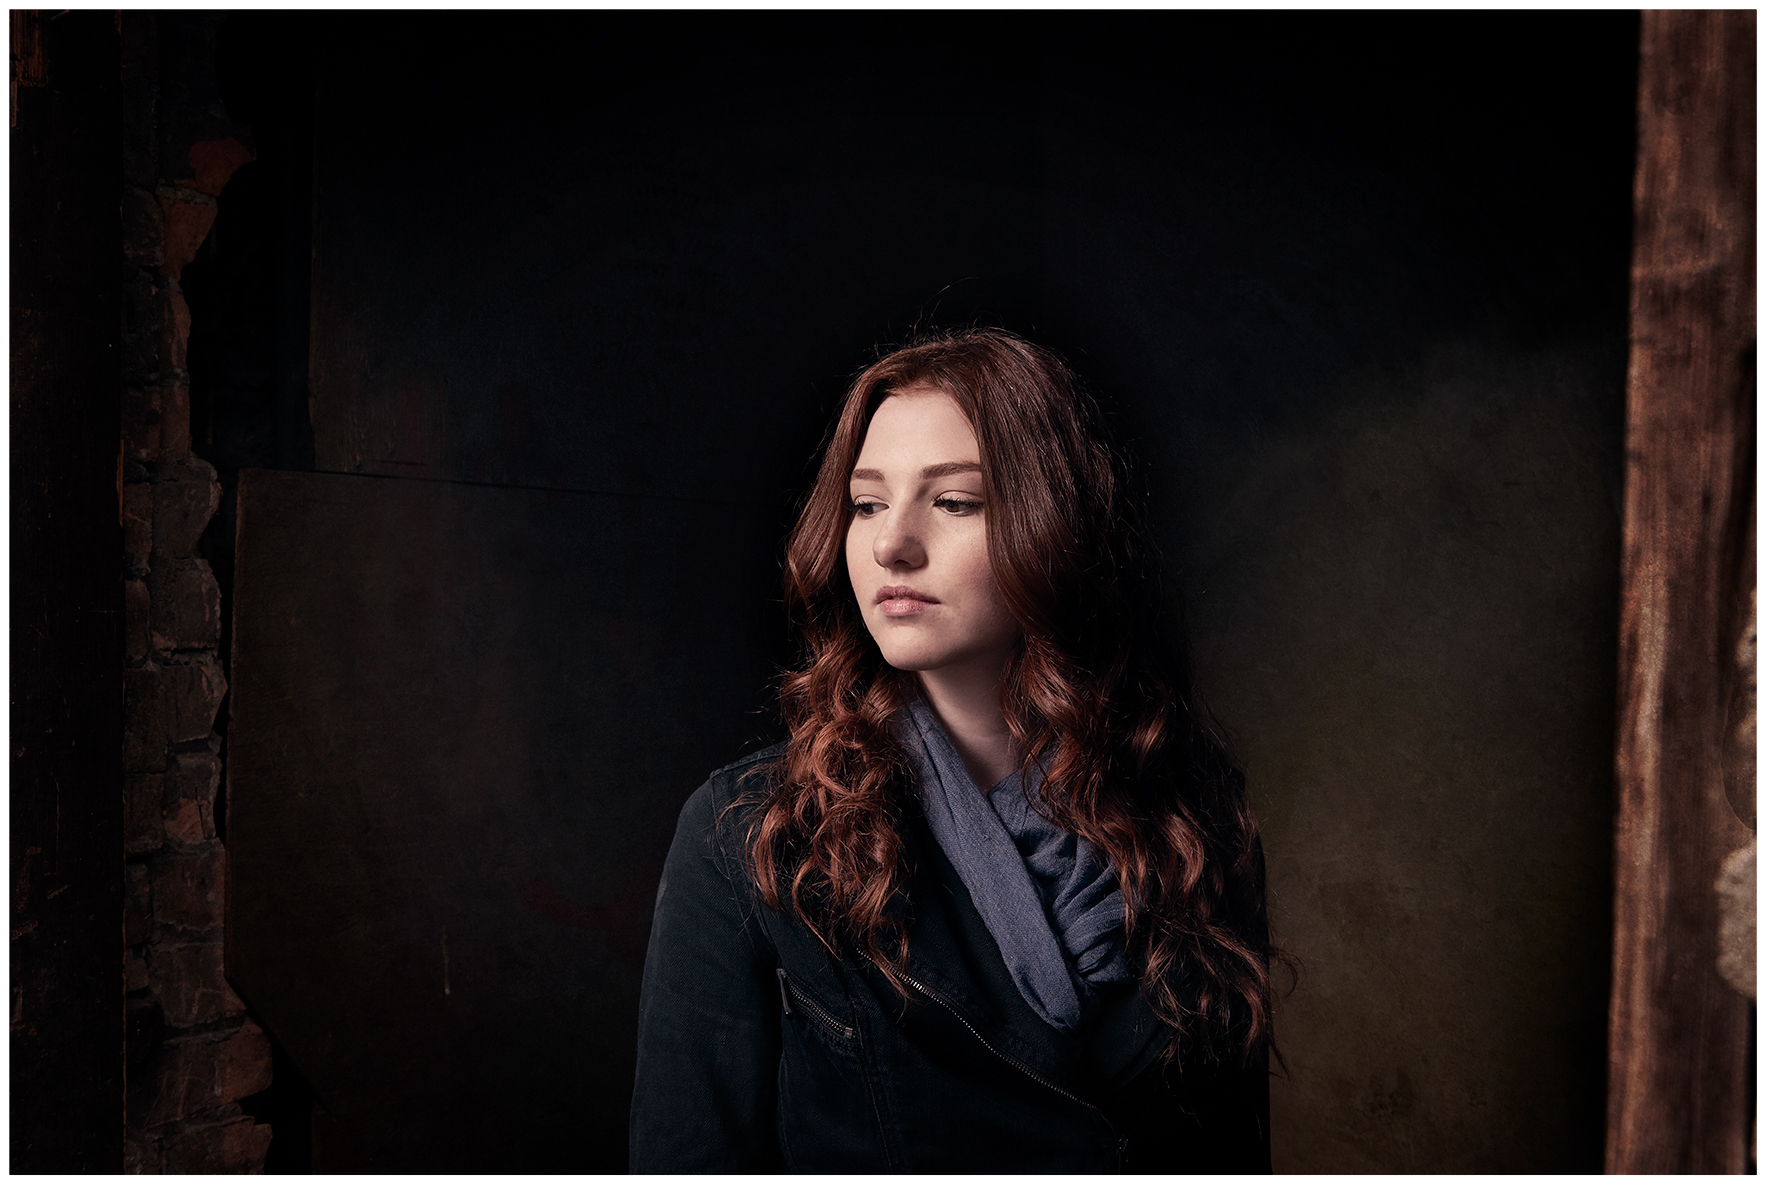 Red Head Beauty Portrait web.jpg